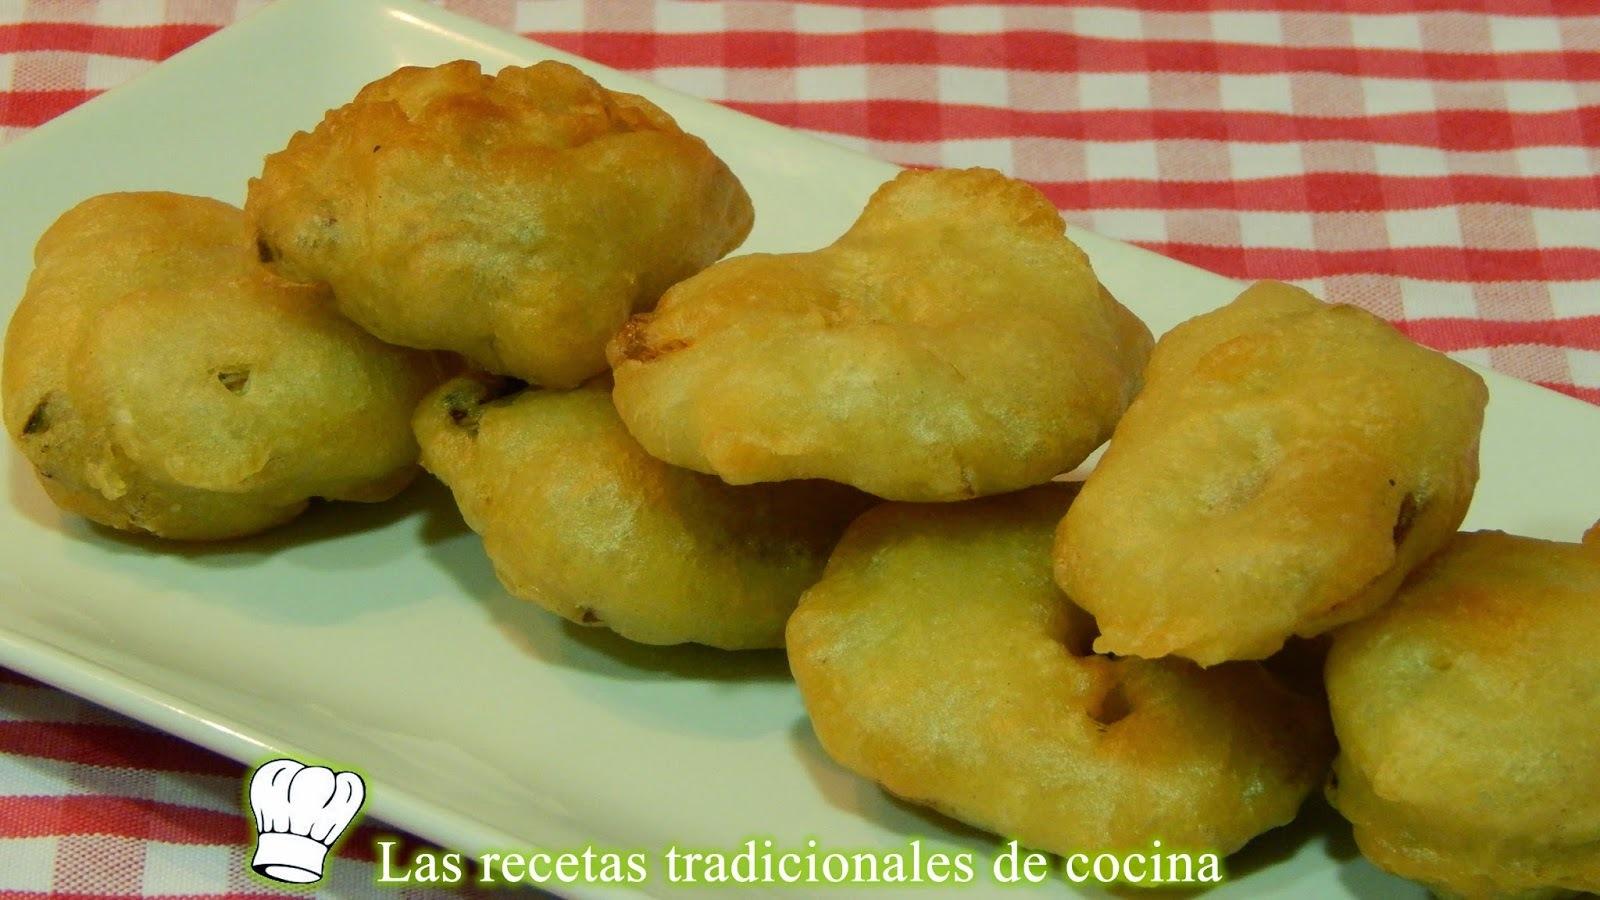 Receta de alcachofas rebozadas crujientes